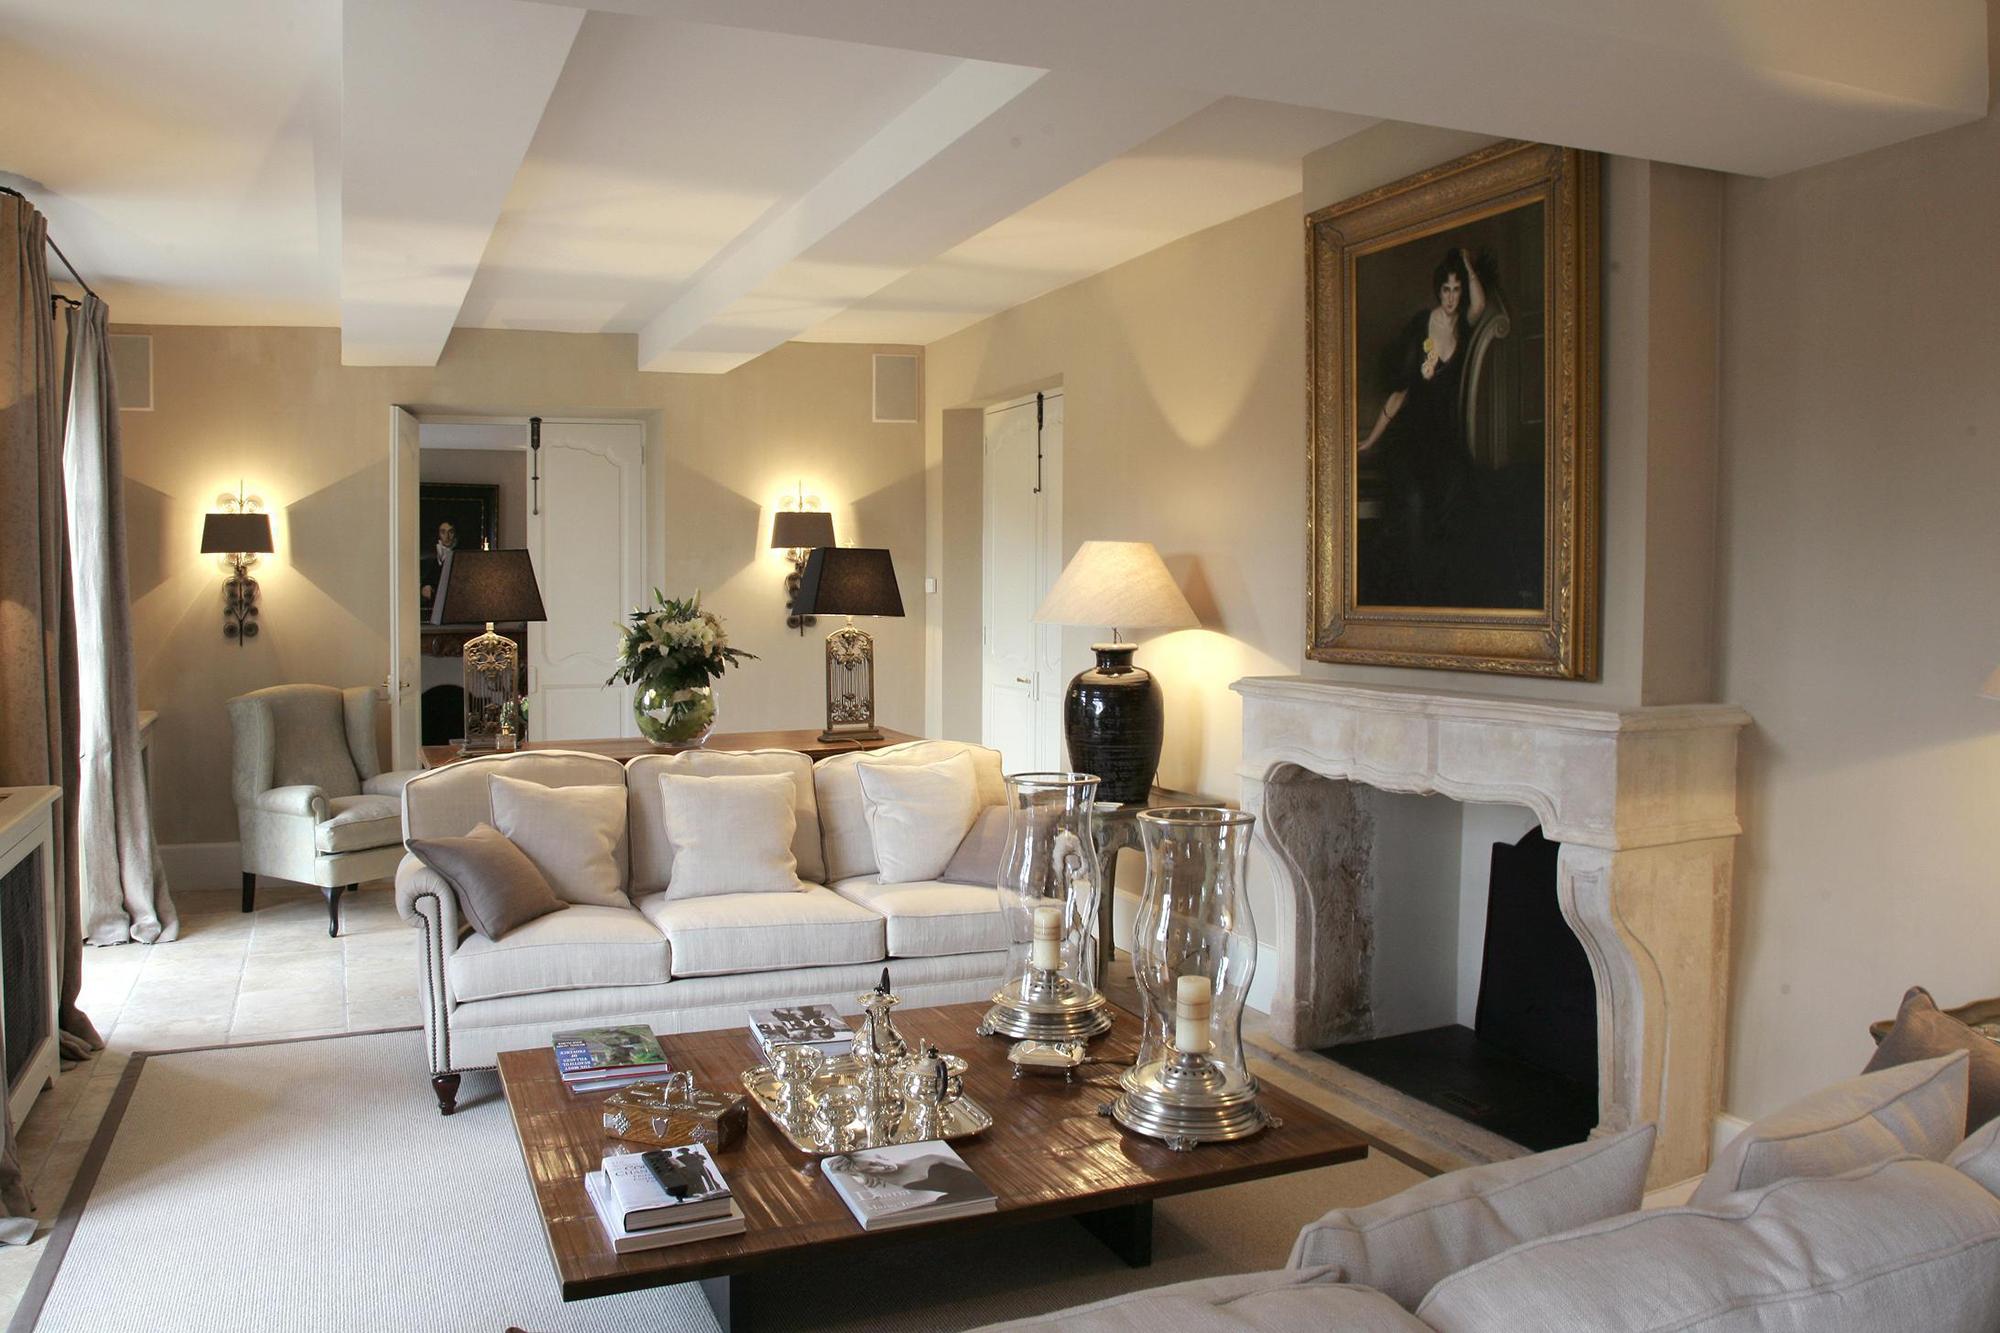 Светлая гостиная с камином во французском стиле